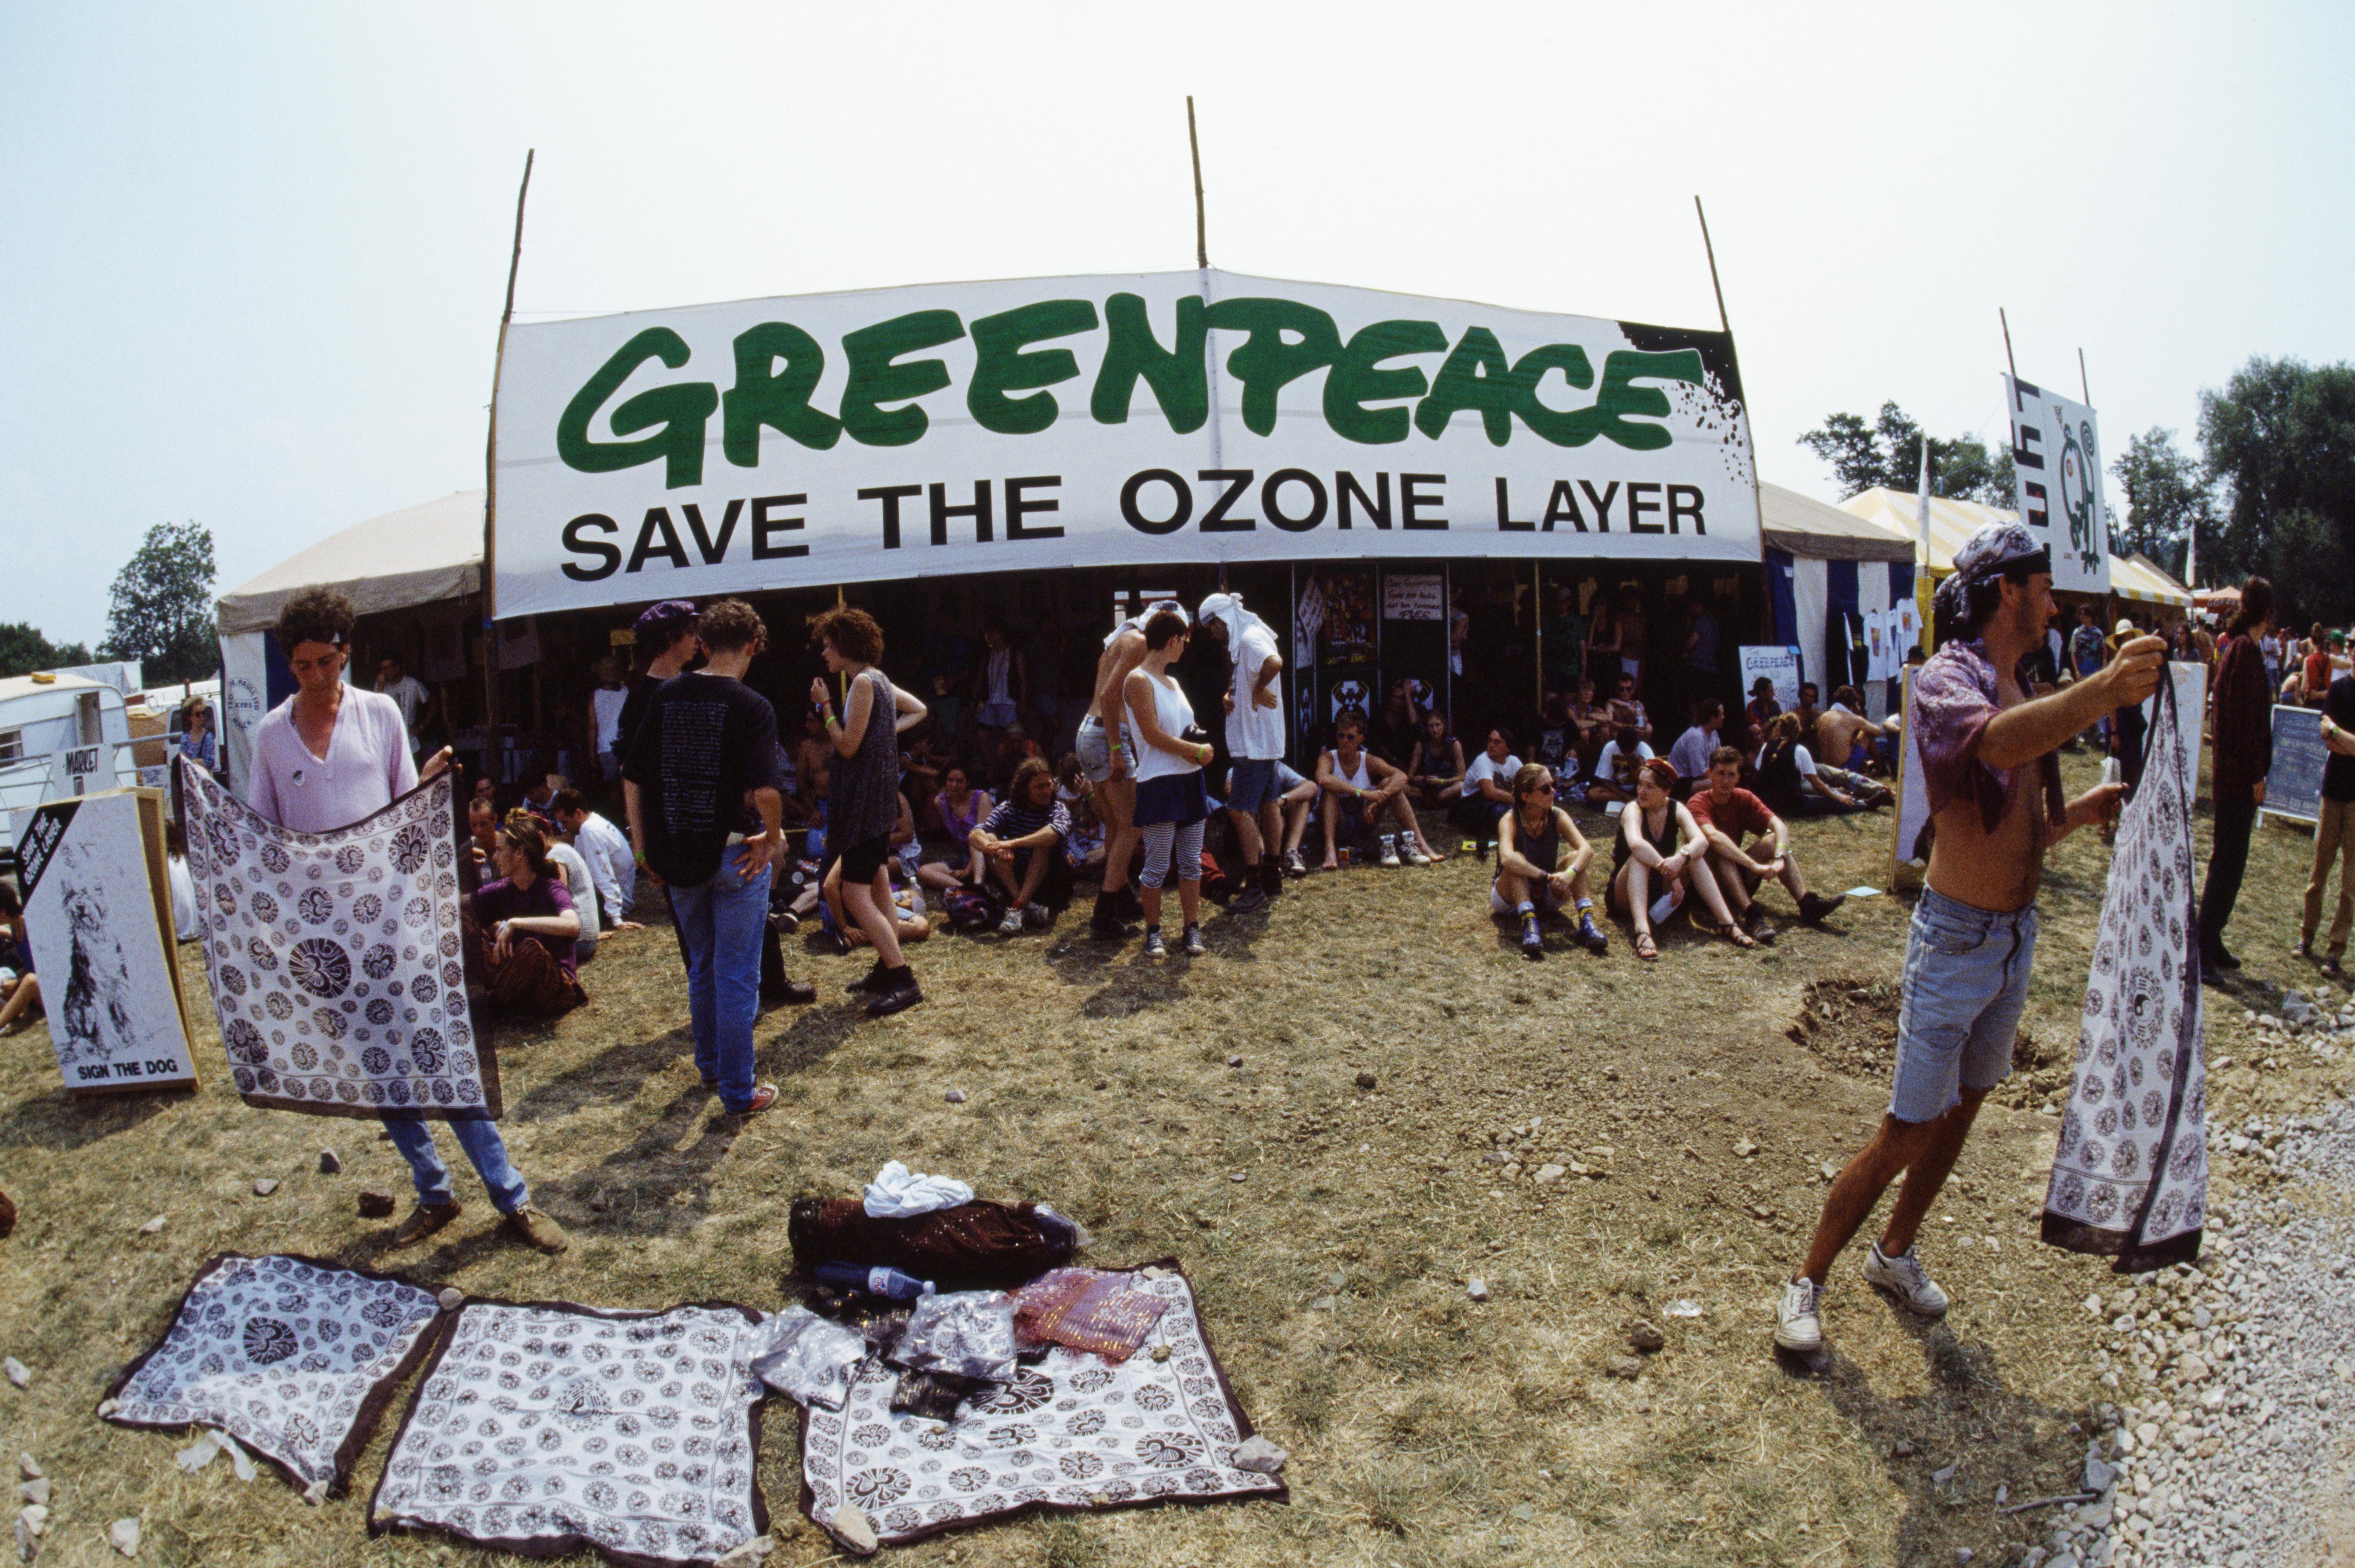 greenpeace ozone layer campaign